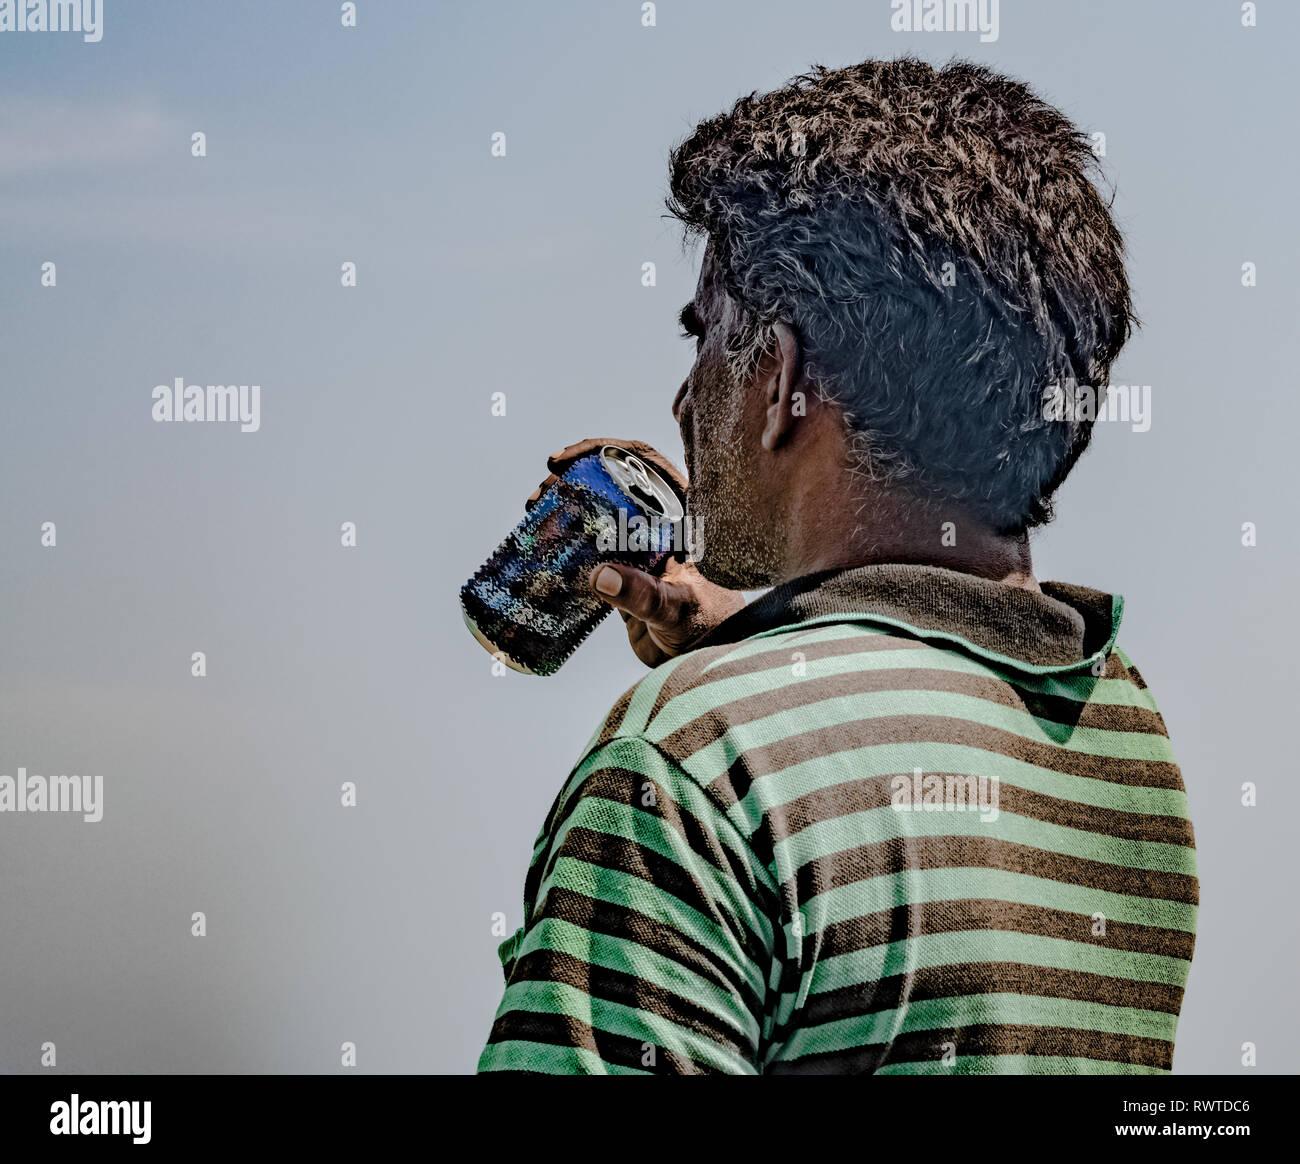 Pescador de mediana edad de origen surasiático, vistiendo striped tshirt está agotada y saciar su sed por beber cerveza o bebida fría en los calurosos días soleados Imagen De Stock